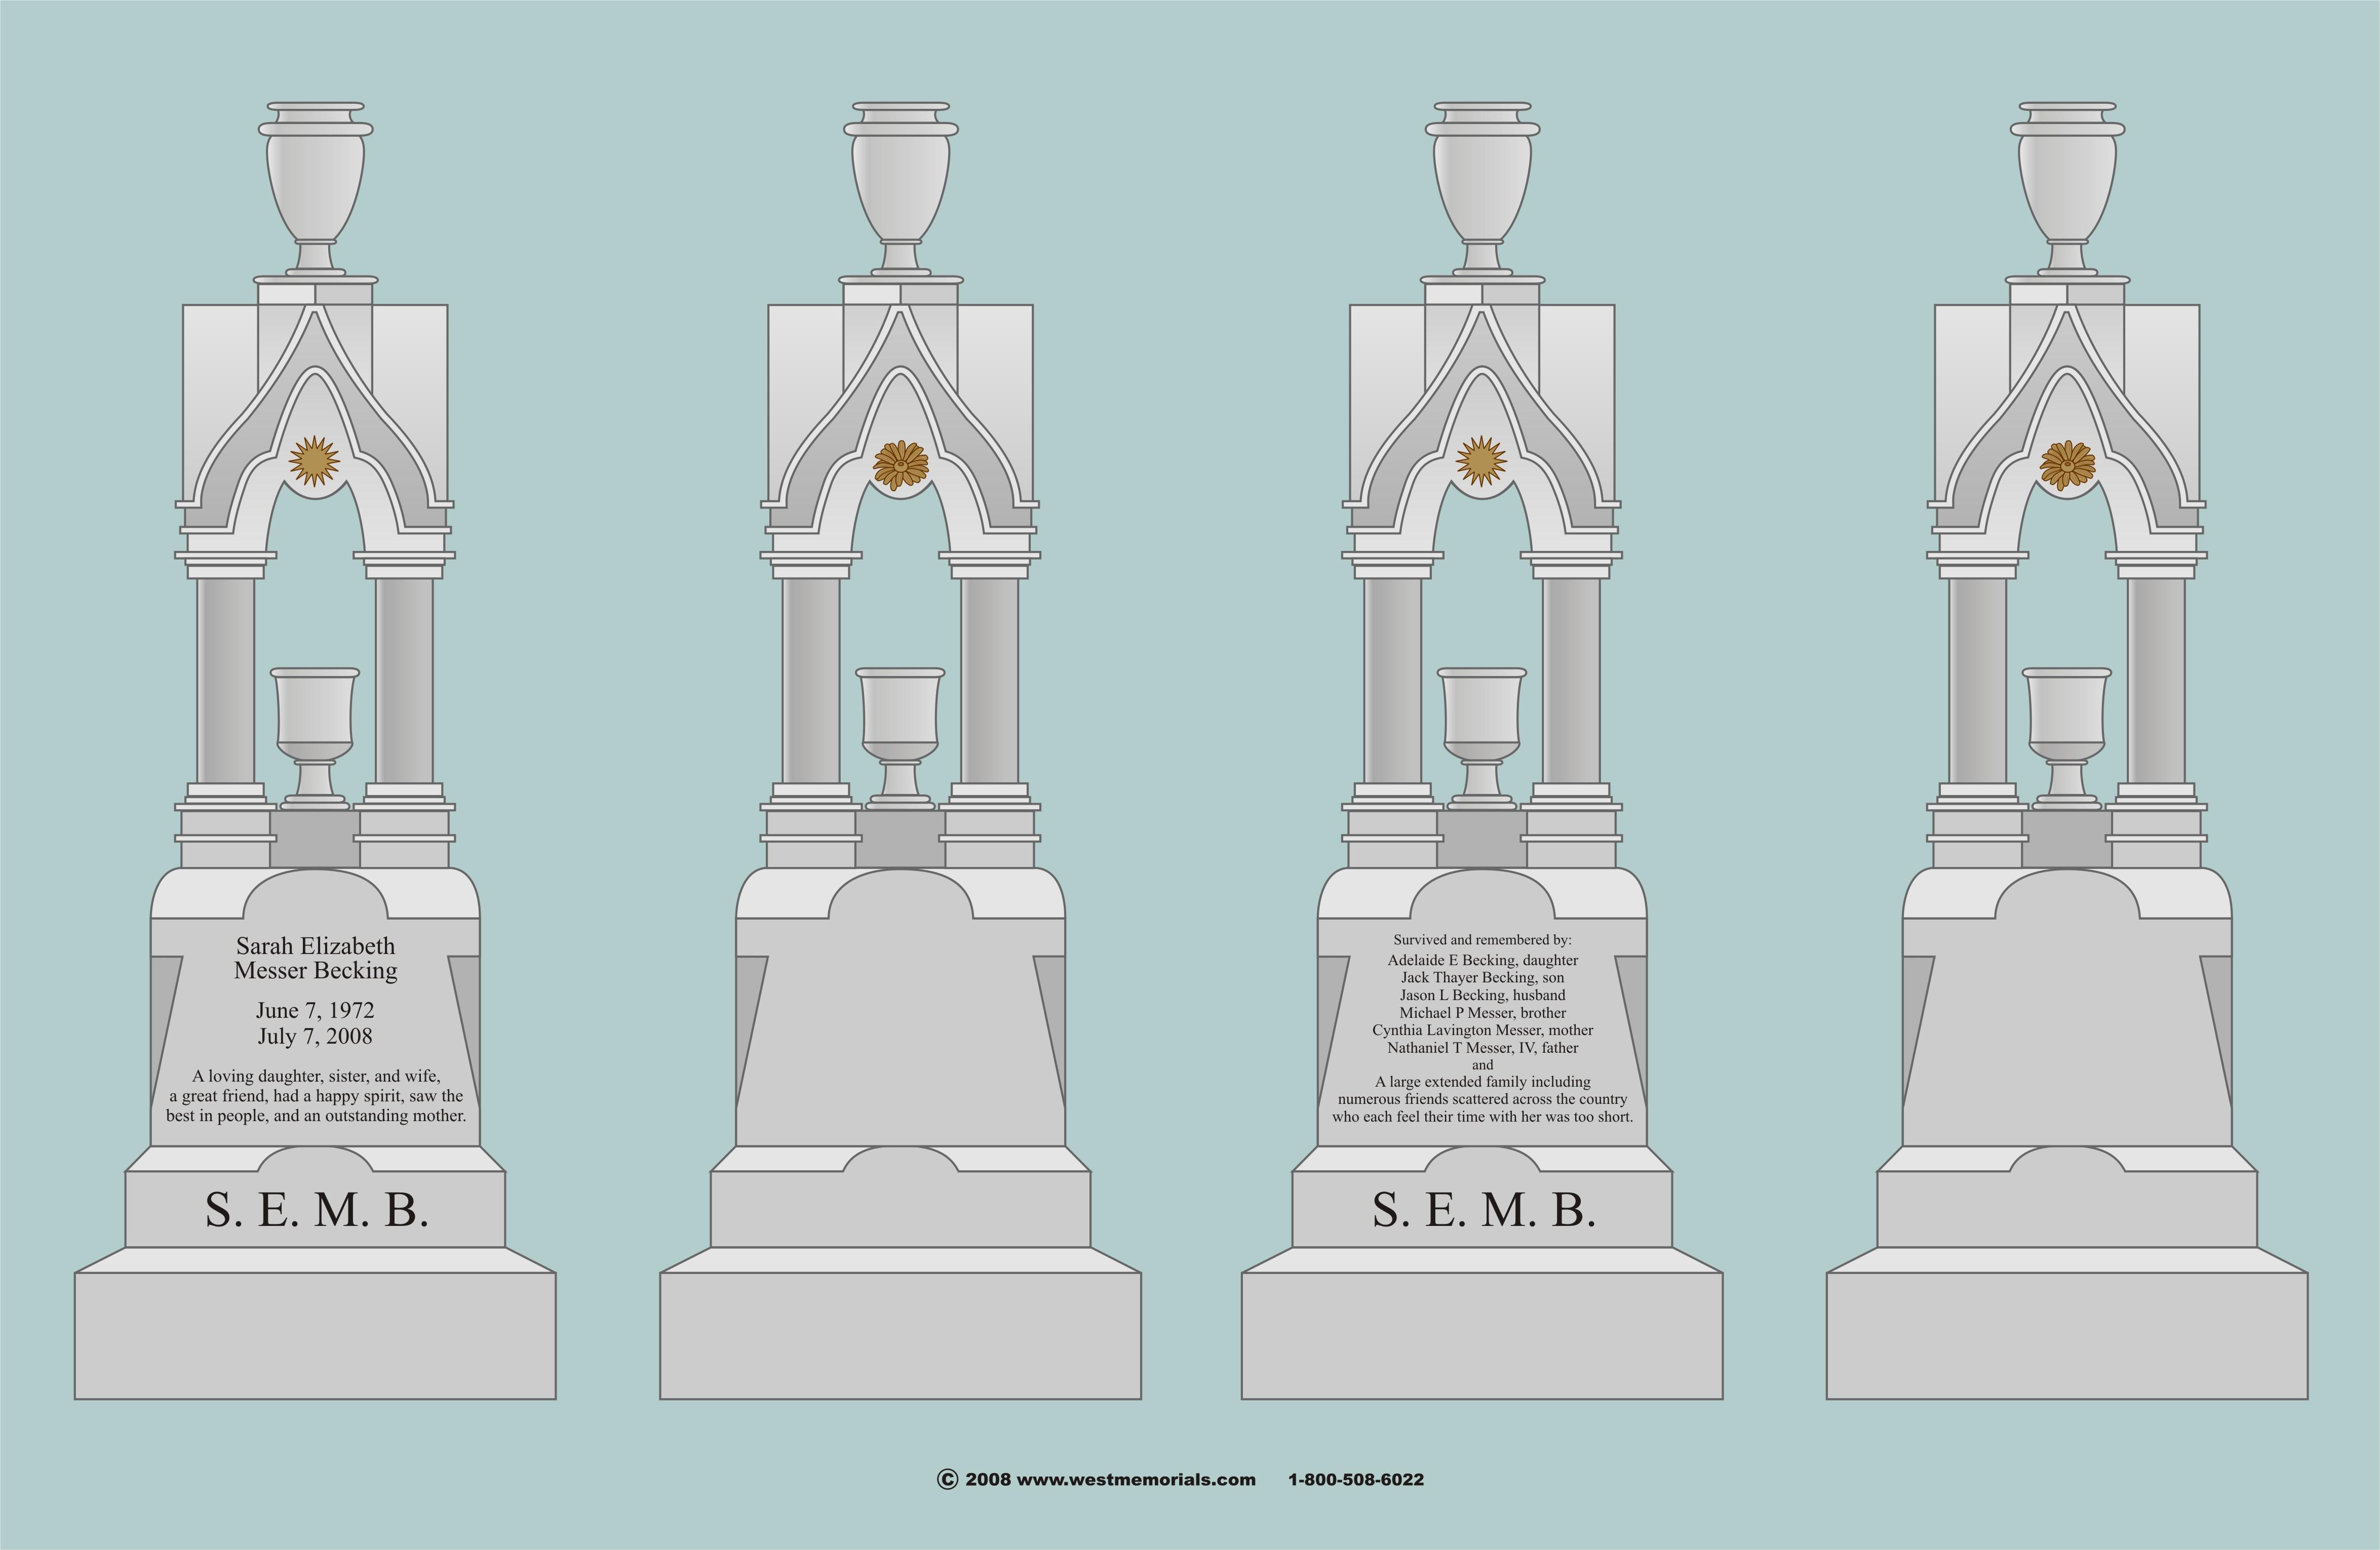 SEMB Memorial Stone